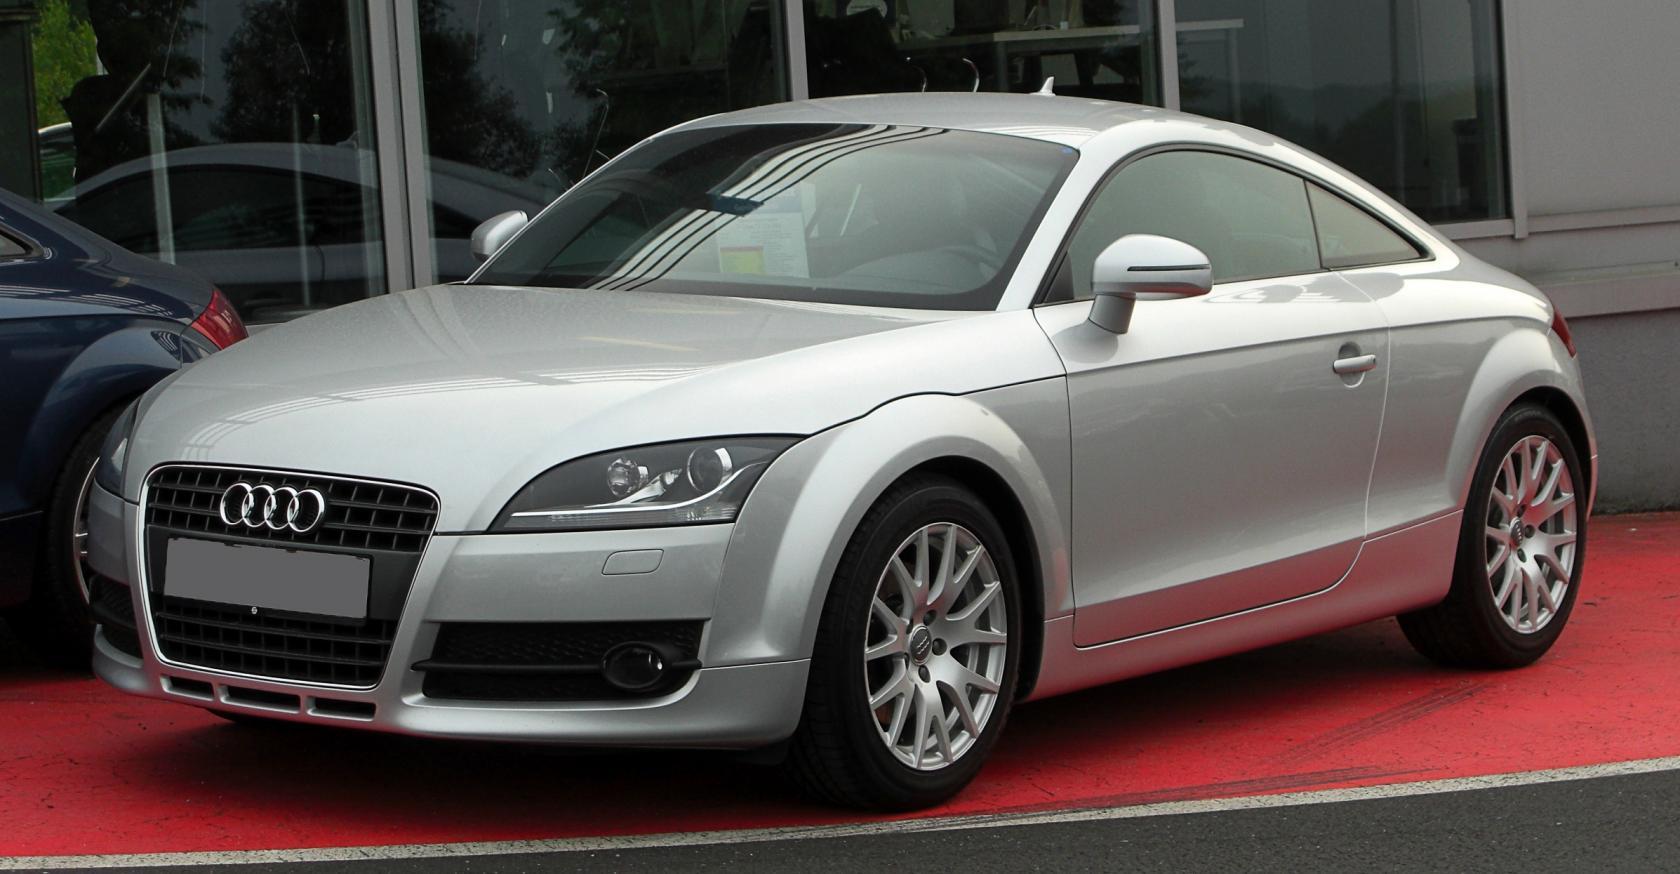 Audi-TT-MK2-5